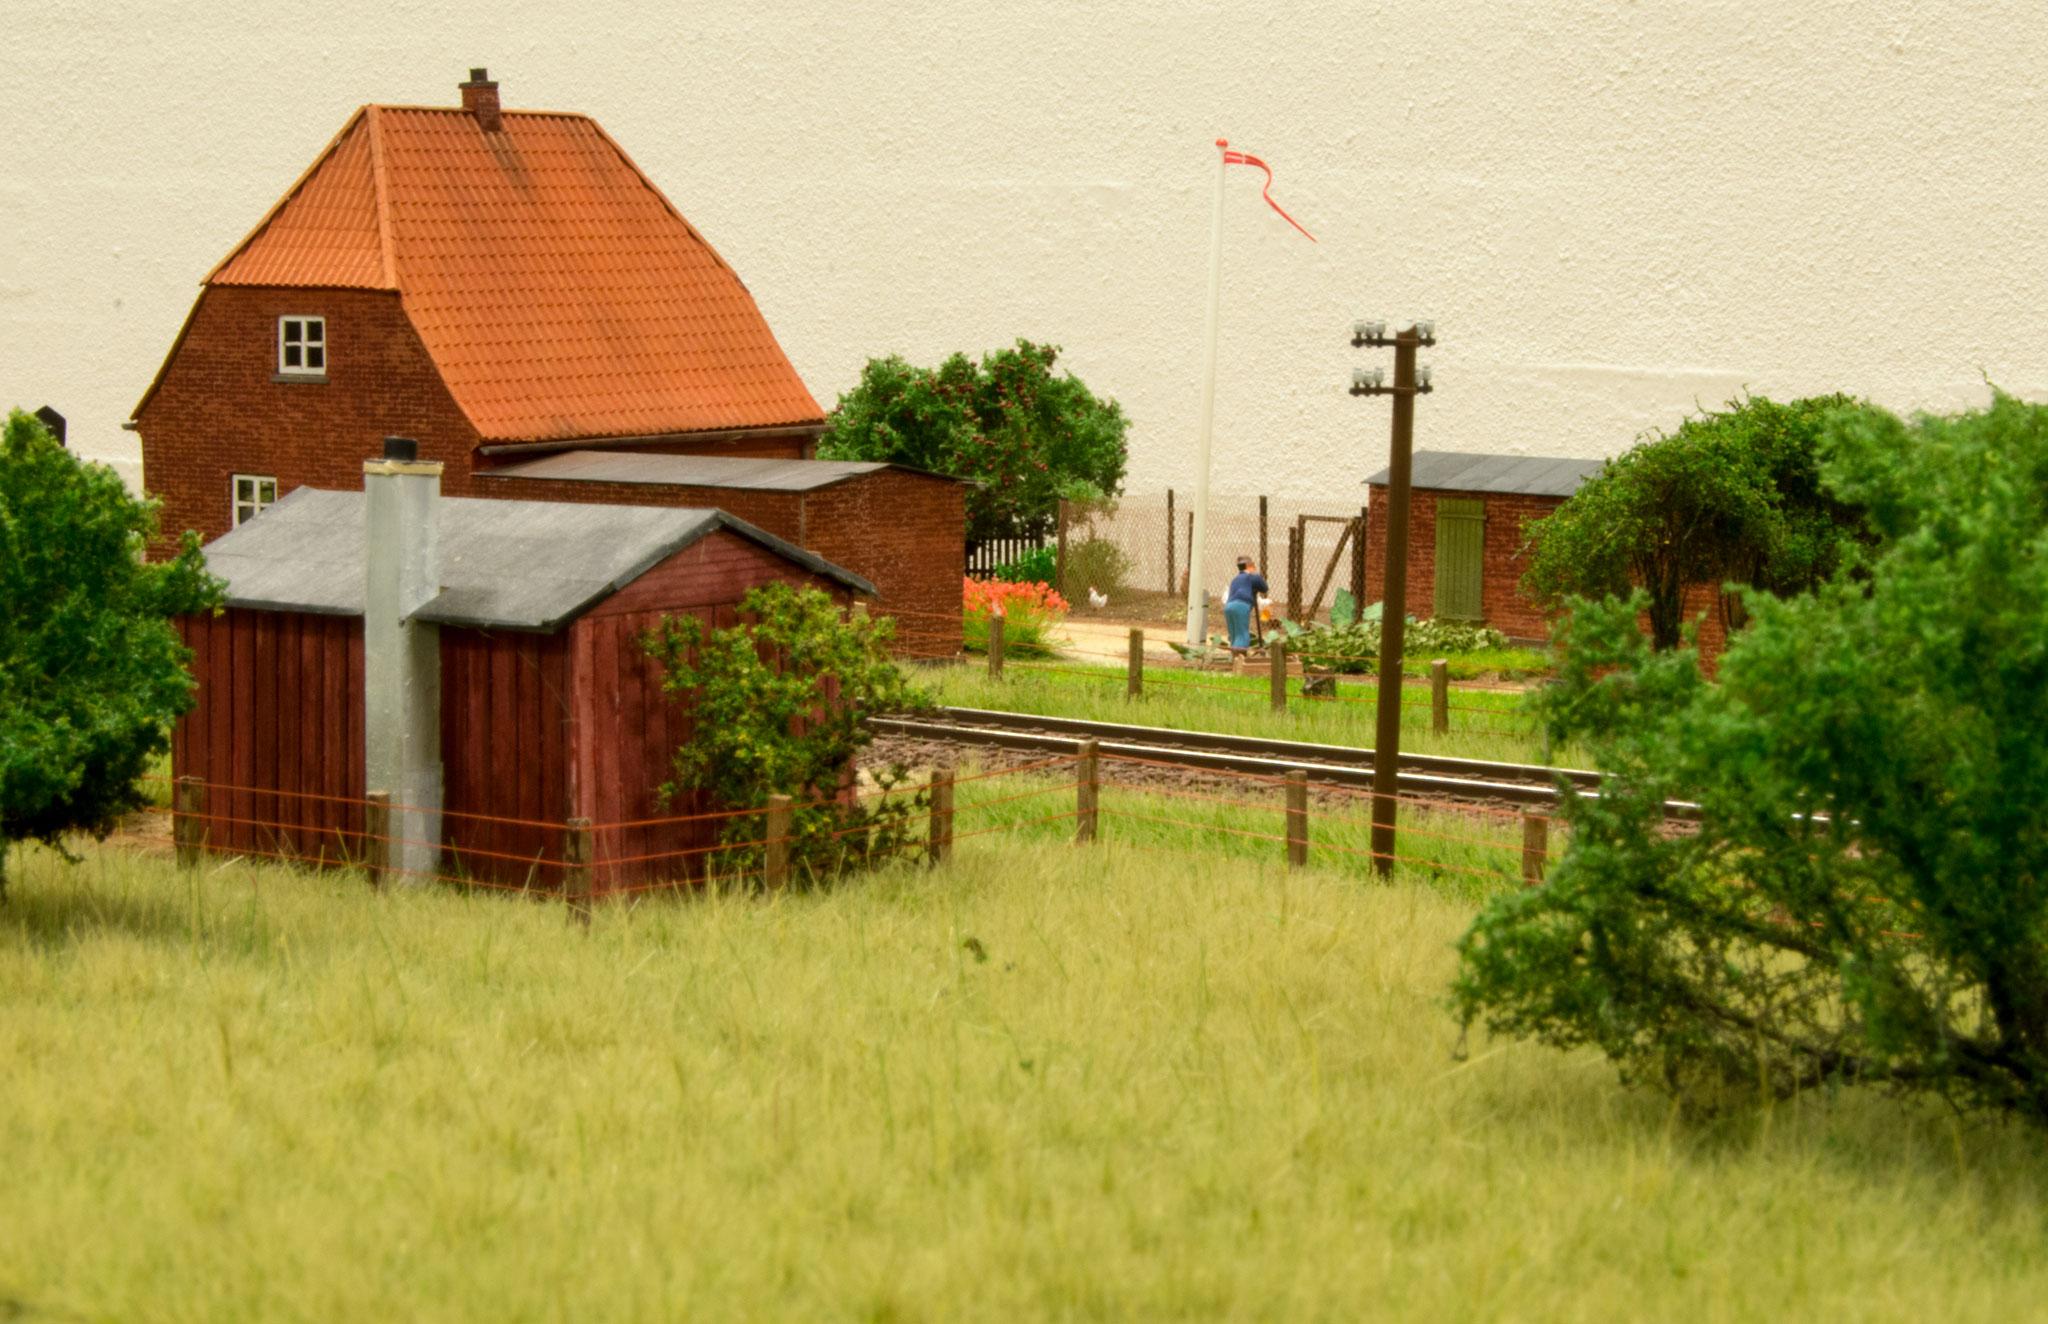 Ledvogterhuset i Søbylund med blomsterbede, flagstang og hønsehus